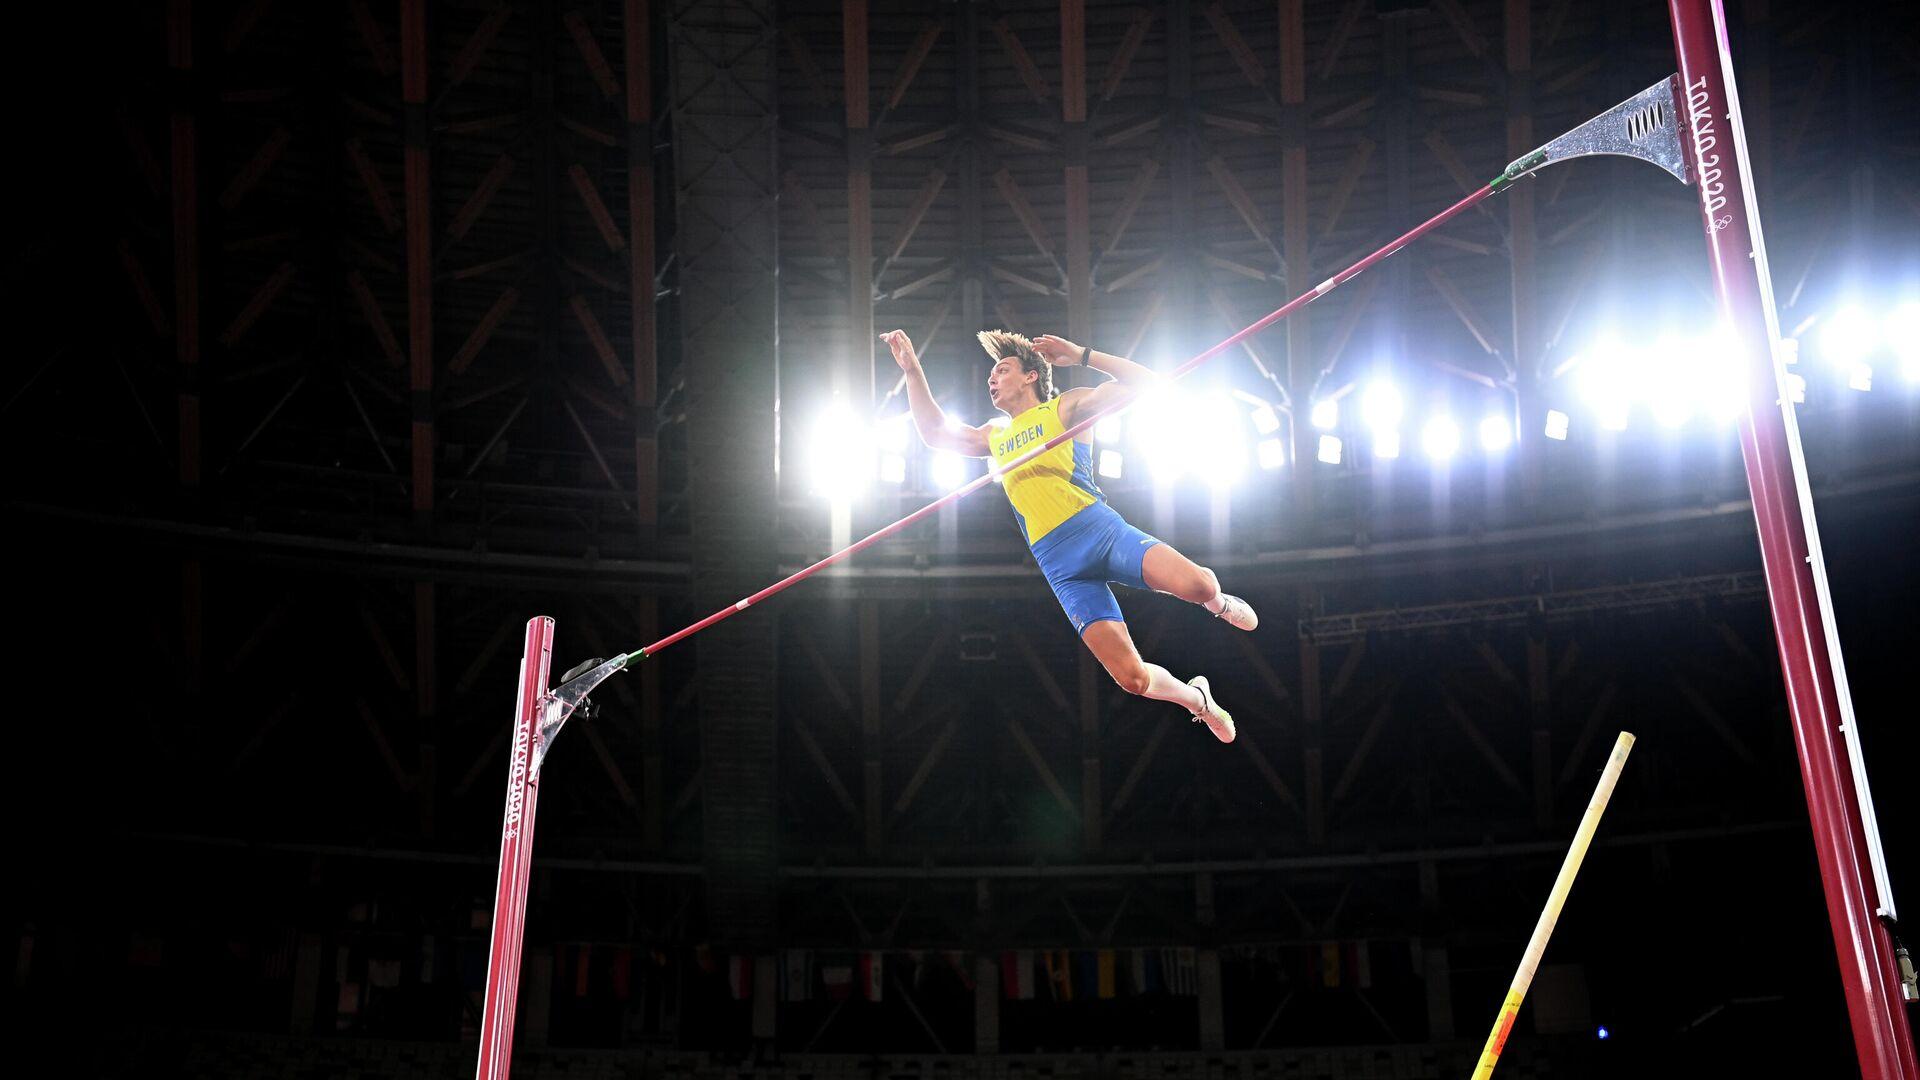 Арман Дюплантис на Олимпиаде в Токио - РИА Новости, 1920, 03.08.2021